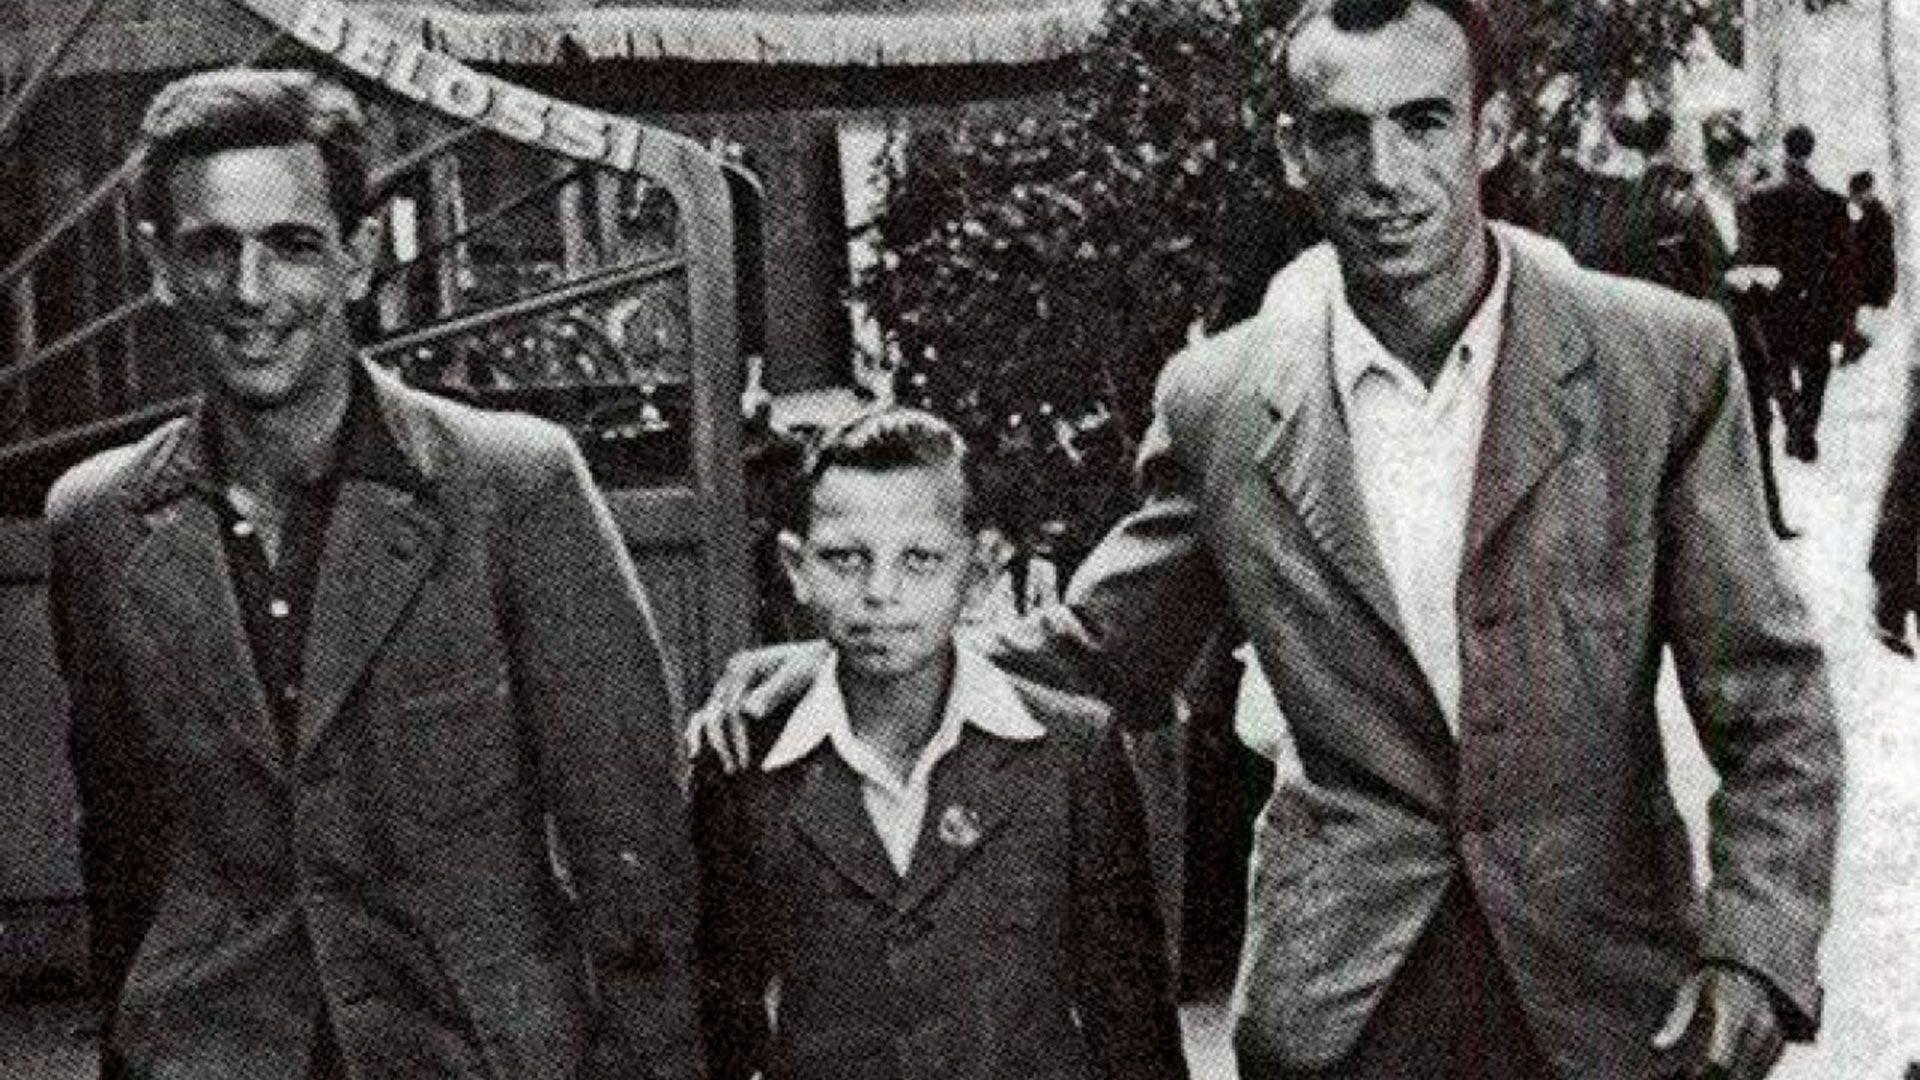 Saturnino, de camisa blanca, junto a su hijo Luis. Cuando se instalaron en Revel, Francia, estuvieron poco tiempo juntos: la esposa de Saturnino no quería al niño judío